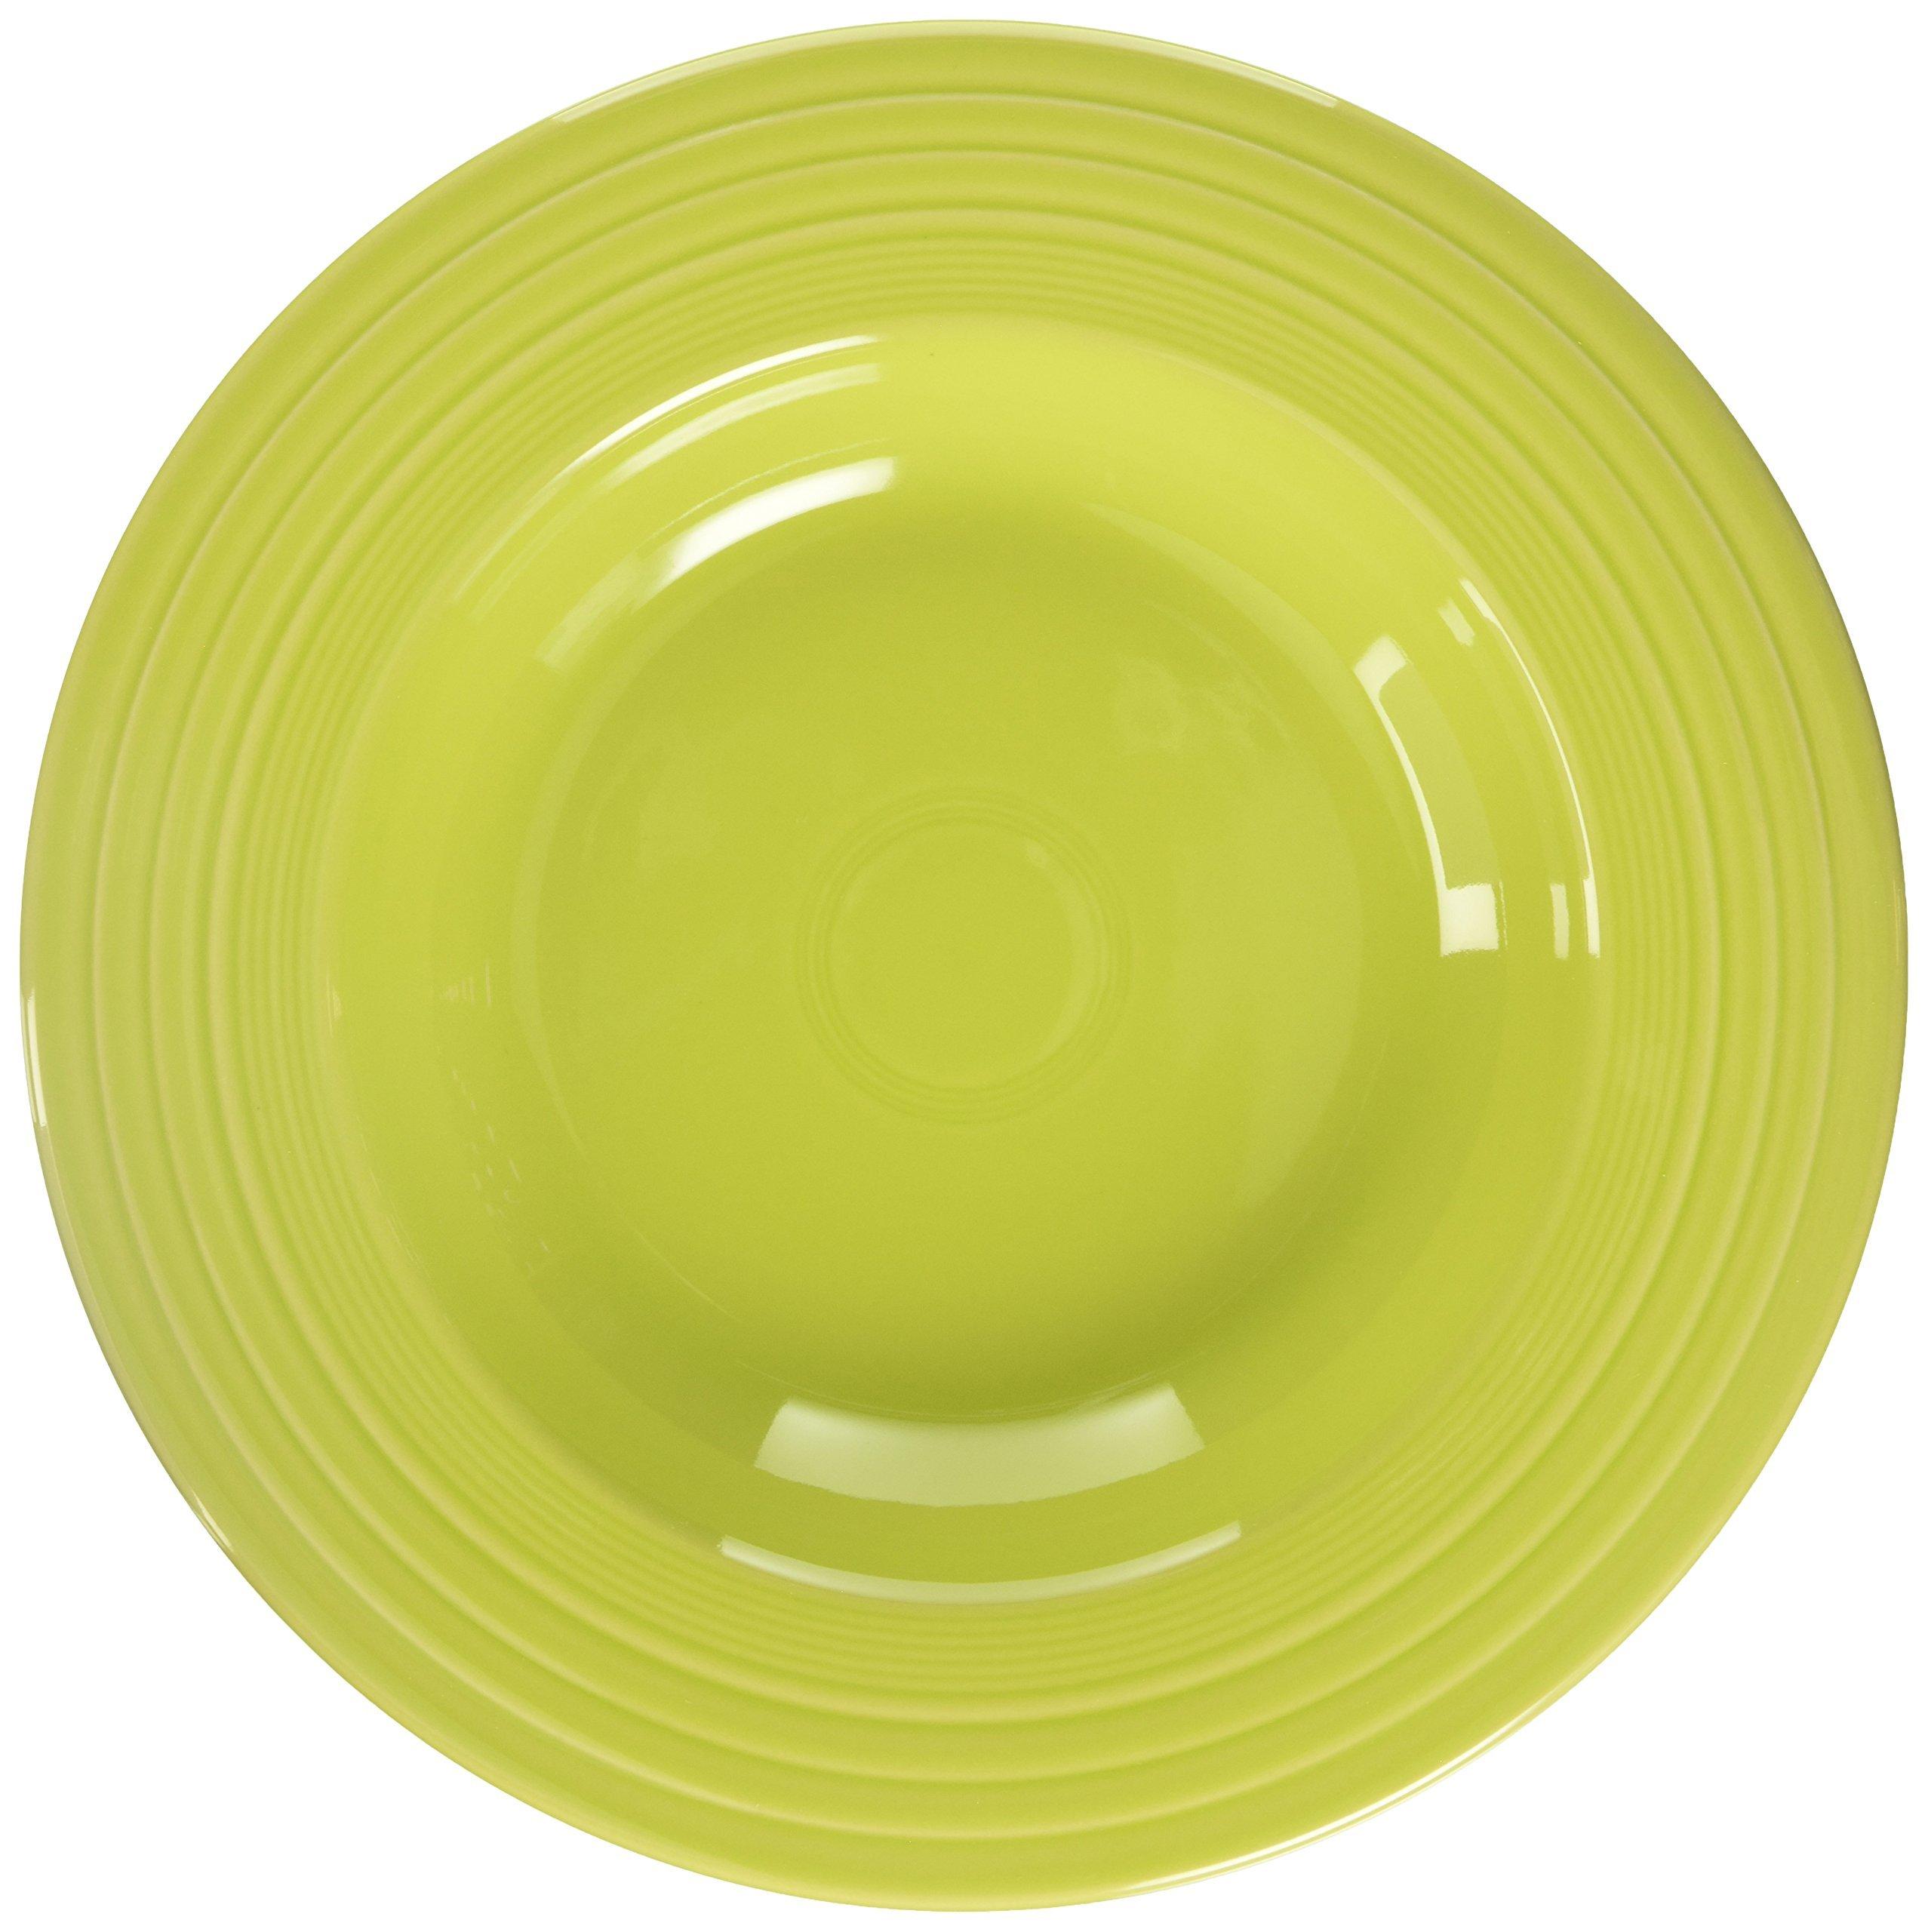 Fiesta 12-Inch Pasta Bowl, Lemongrass